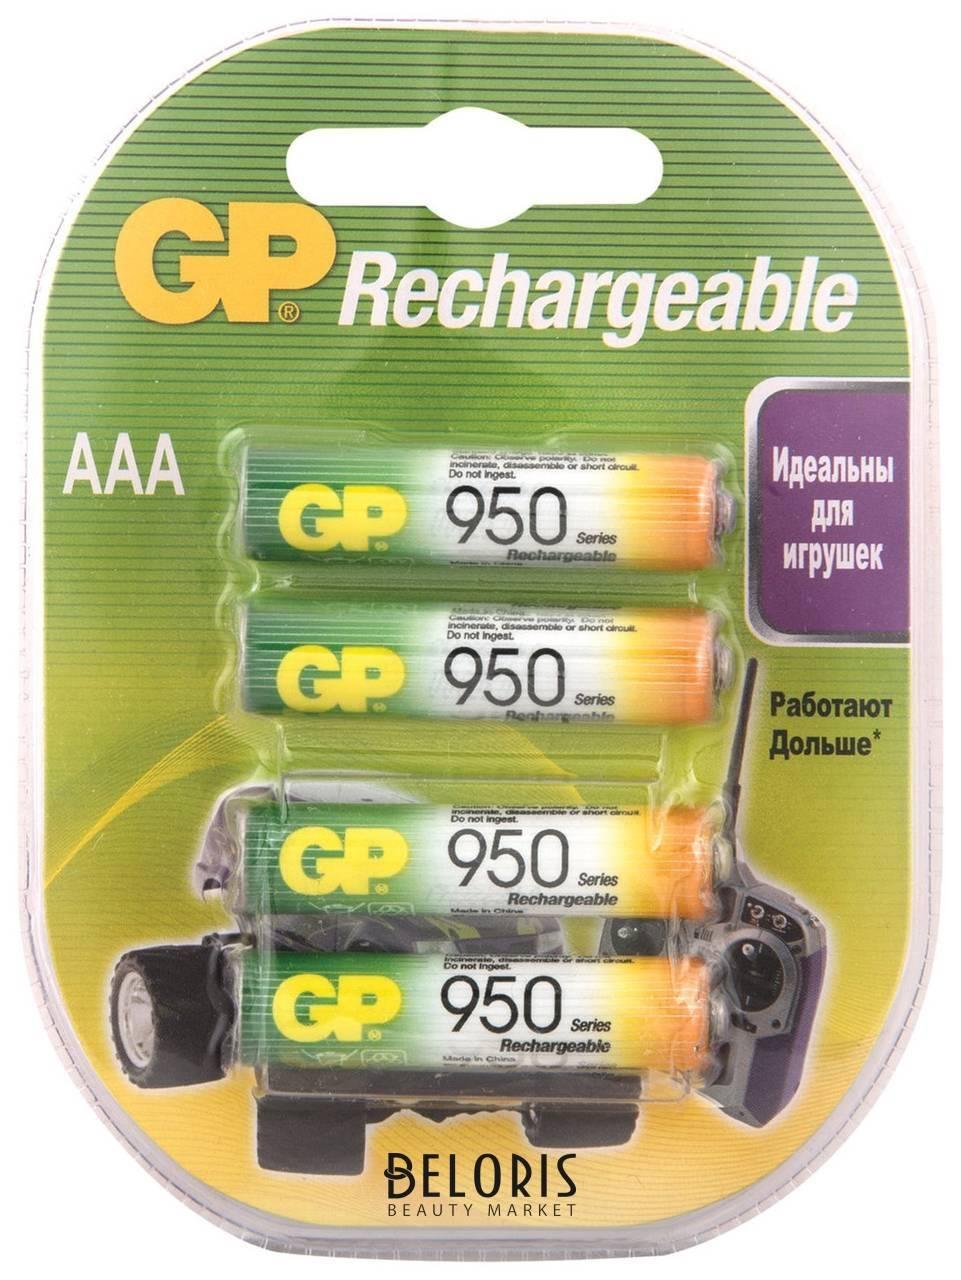 Батарейки аккумуляторные GP, AAA, Ni-Mh, 950 mAh, комплект 4 шт., в блистере GР